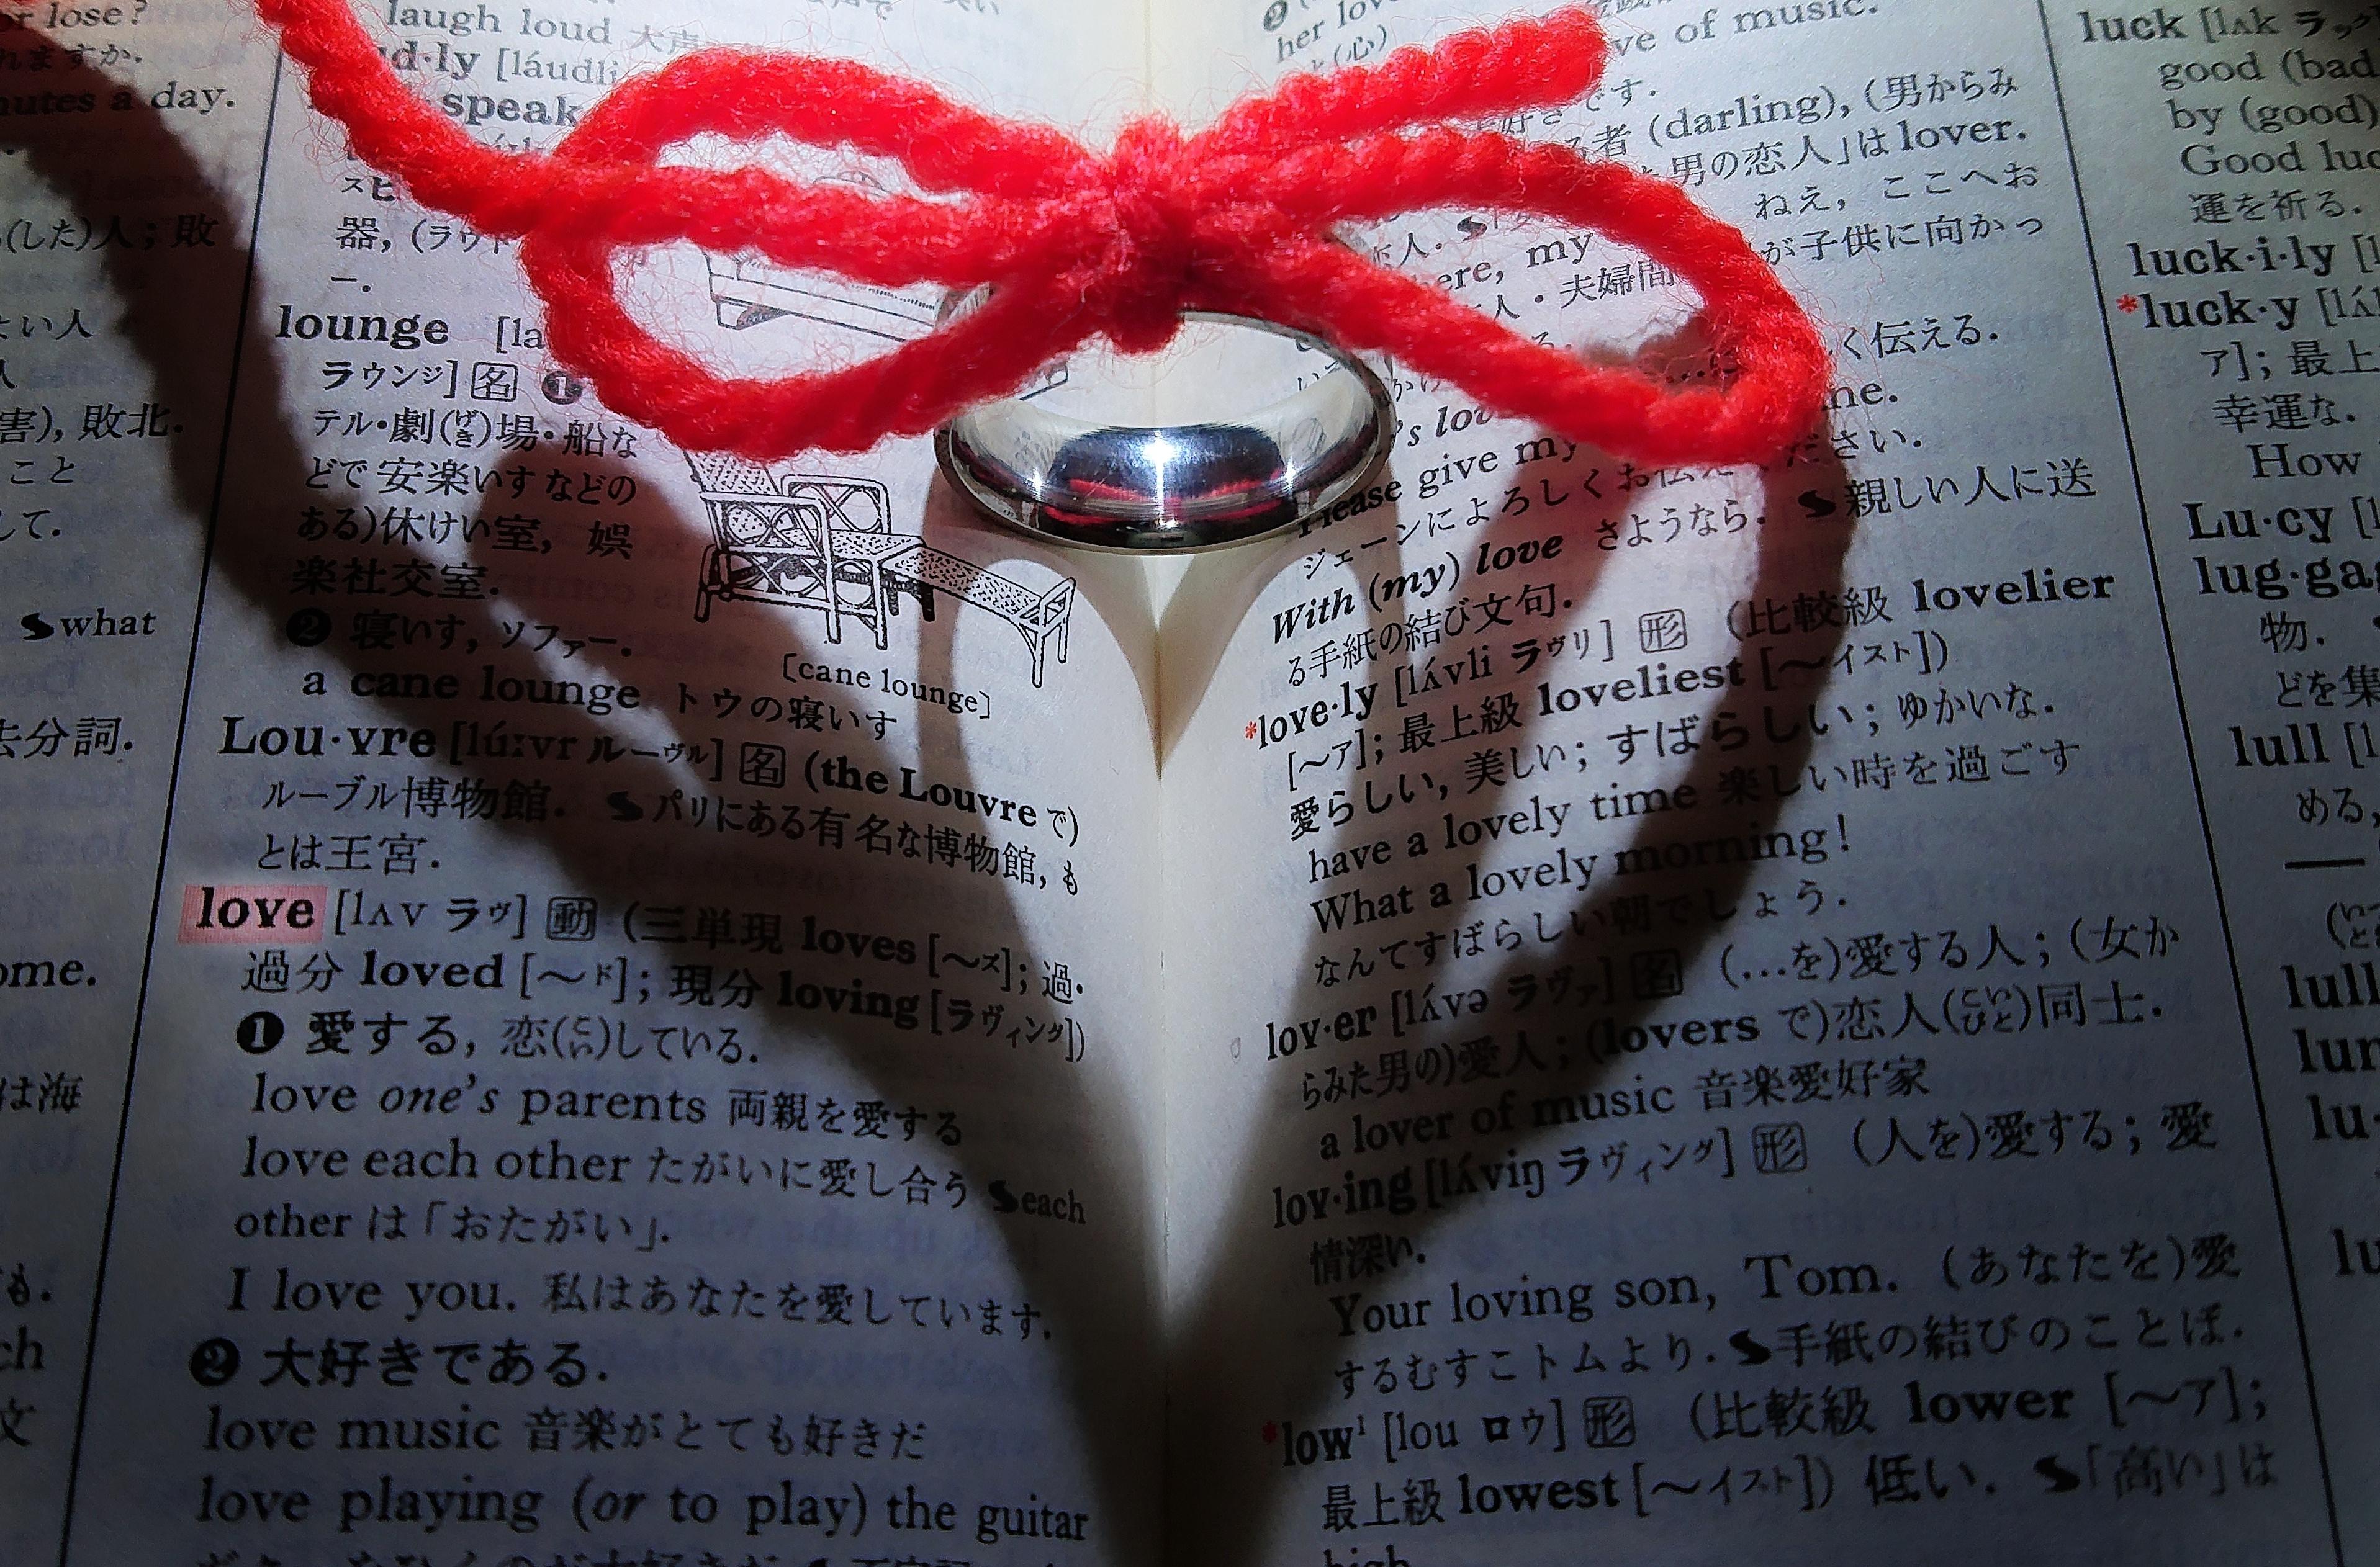 「愛のページに浮かび上がるハートの影」の写真